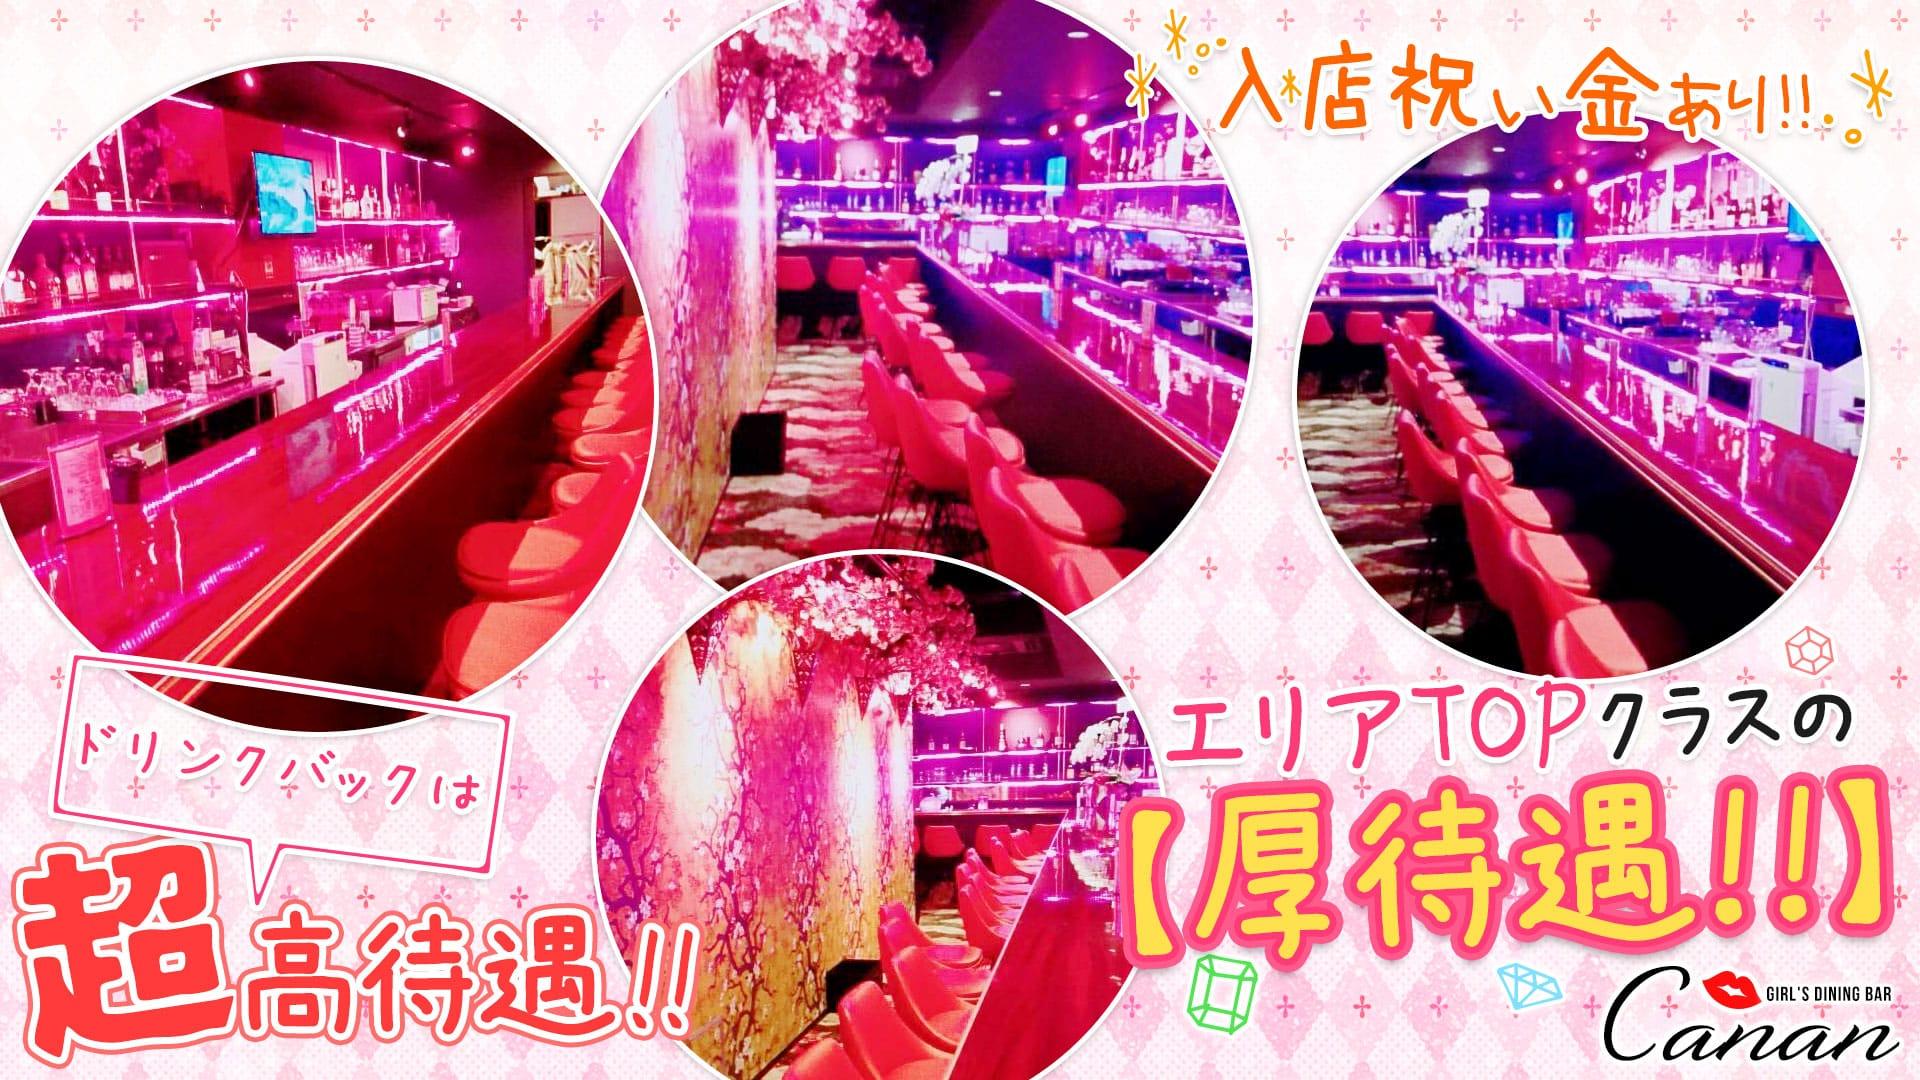 浜松町Canan(カナン) TOP画像